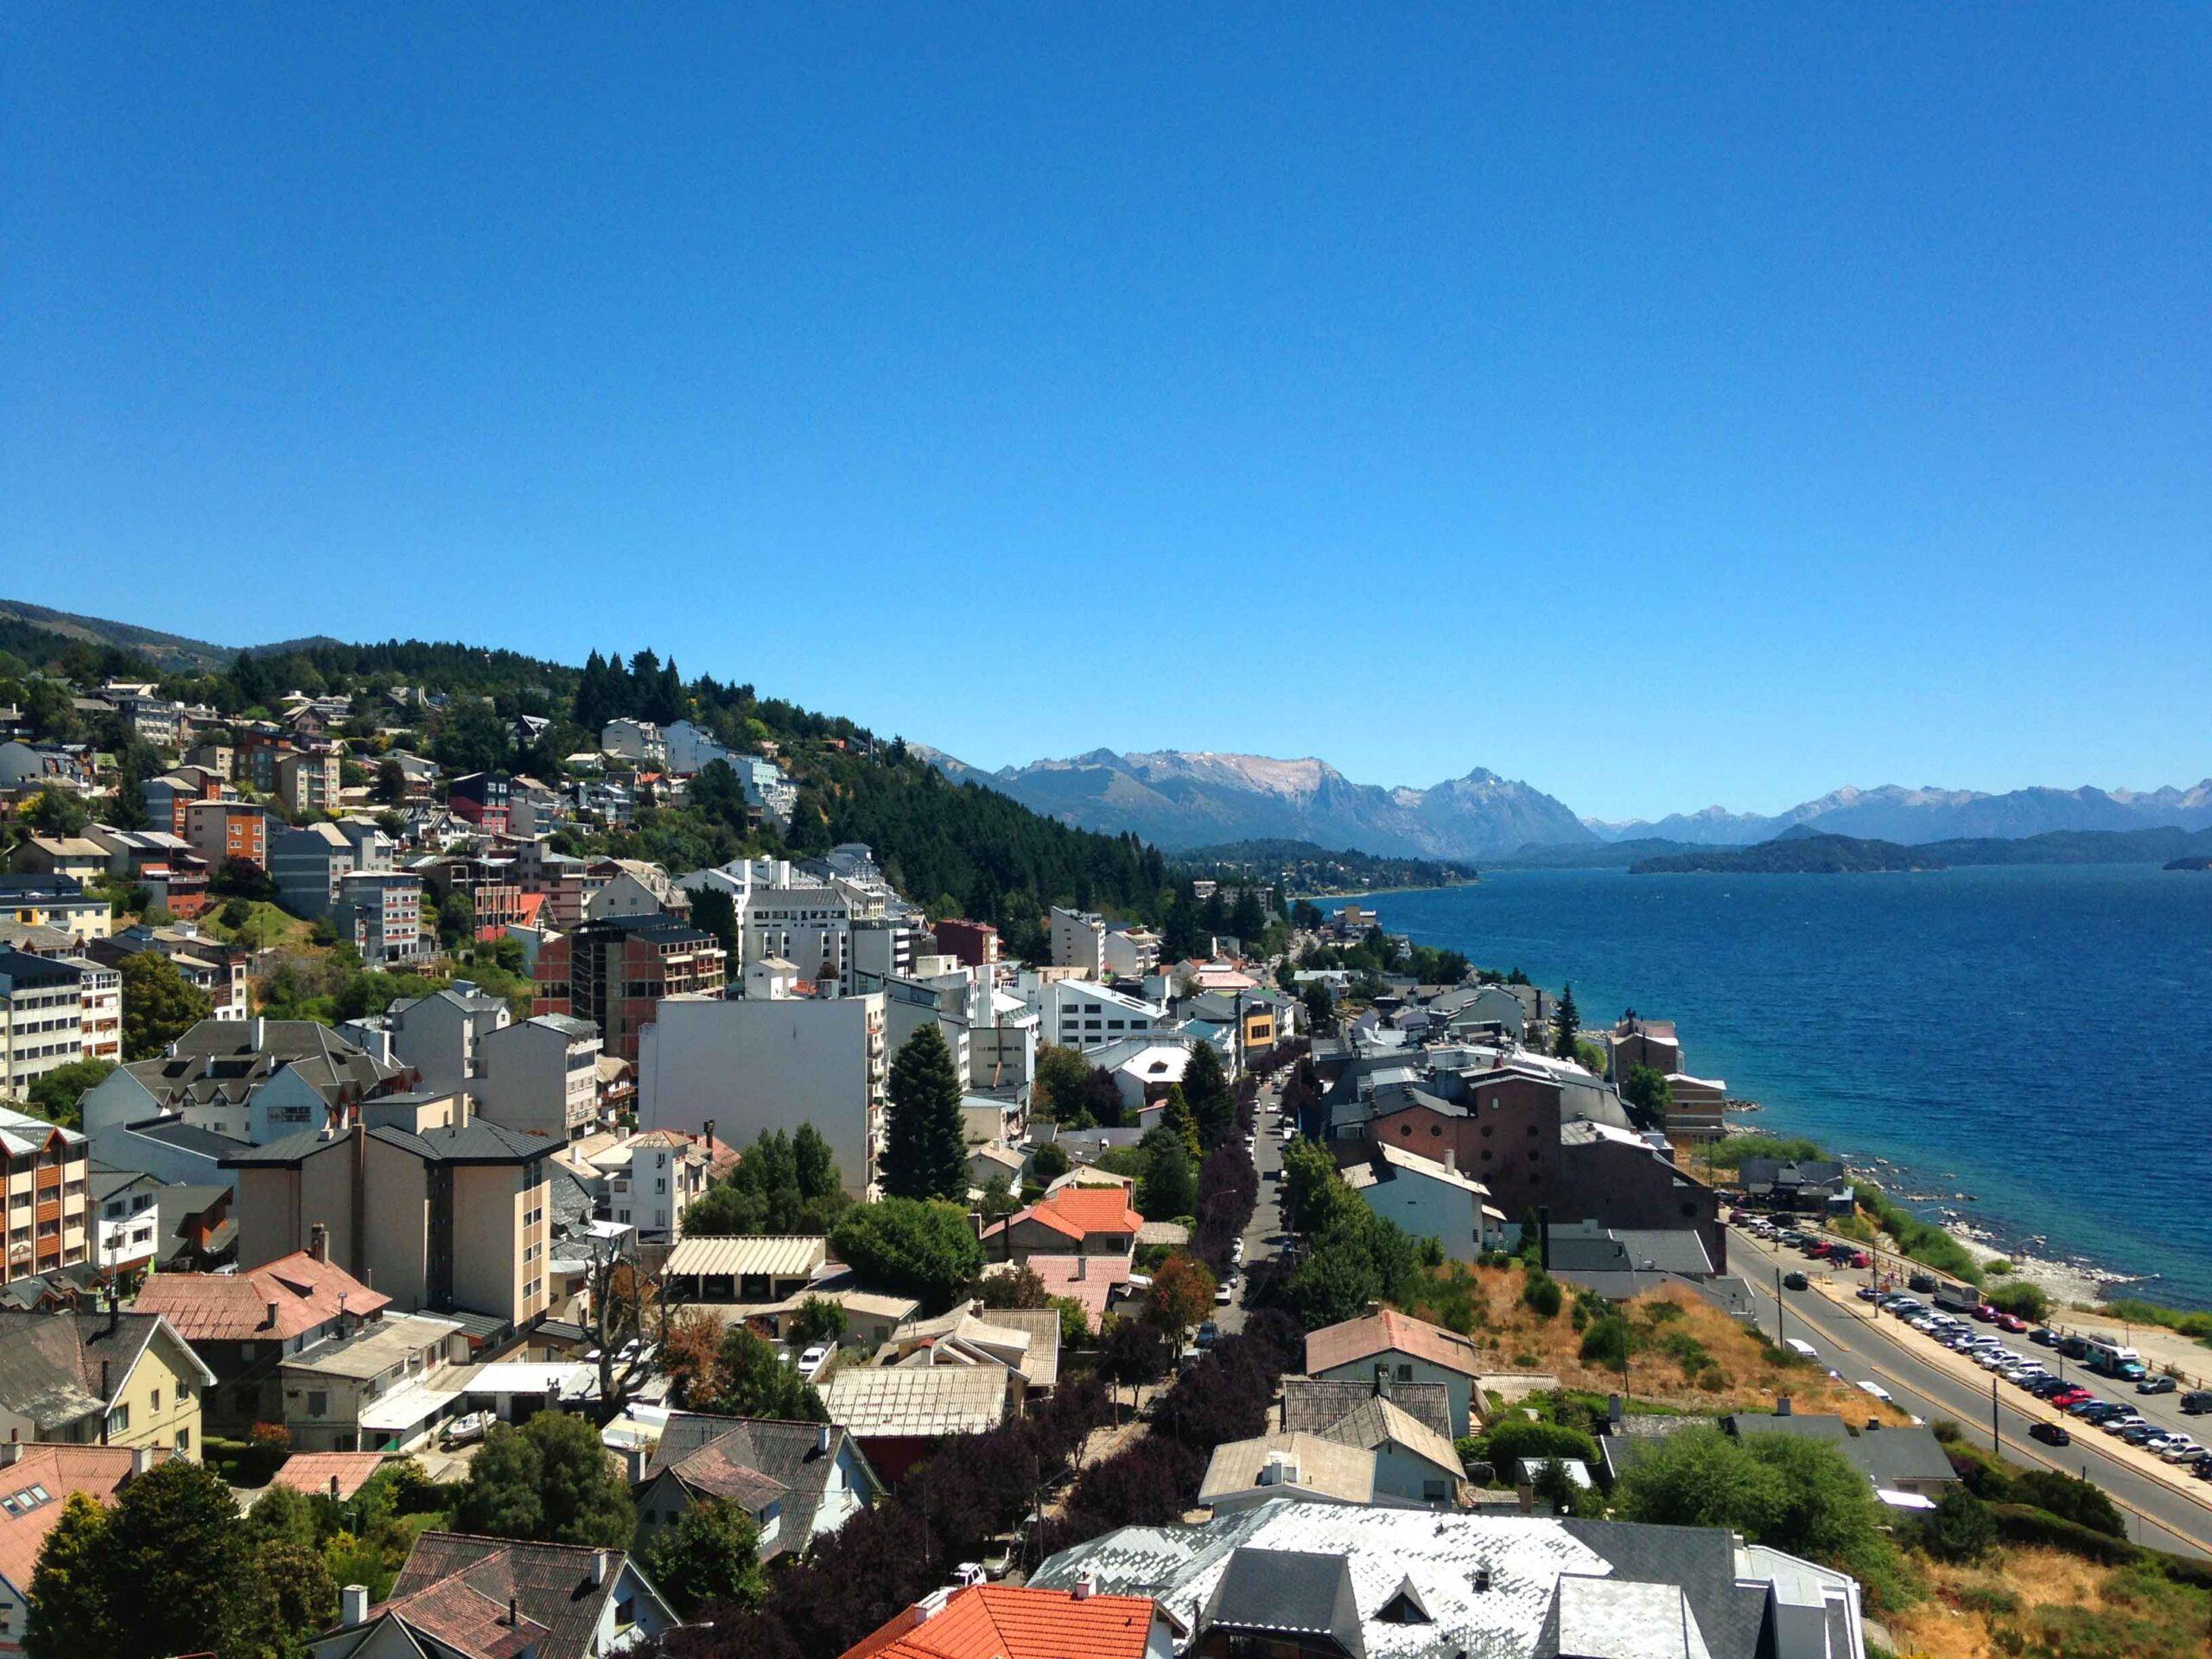 Bariloche city view in Argentina